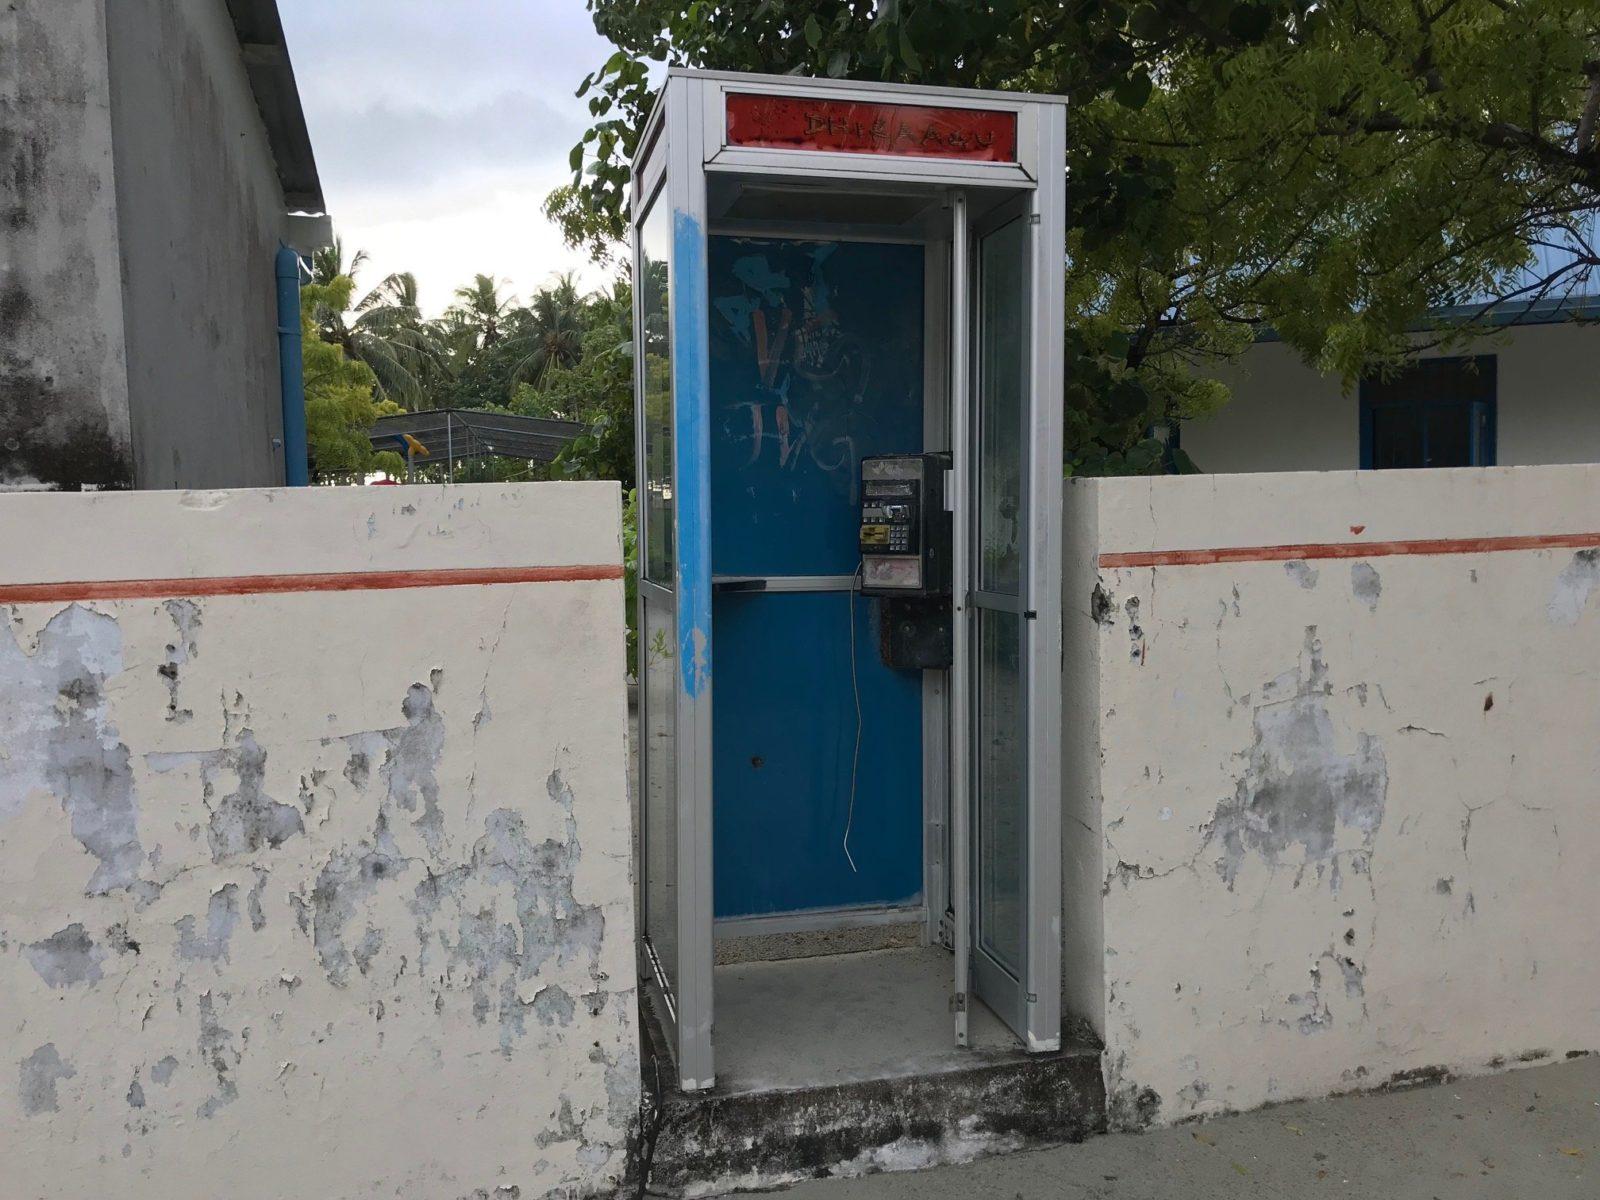 старая телефонная будка на острове Мативери, Мальдивы